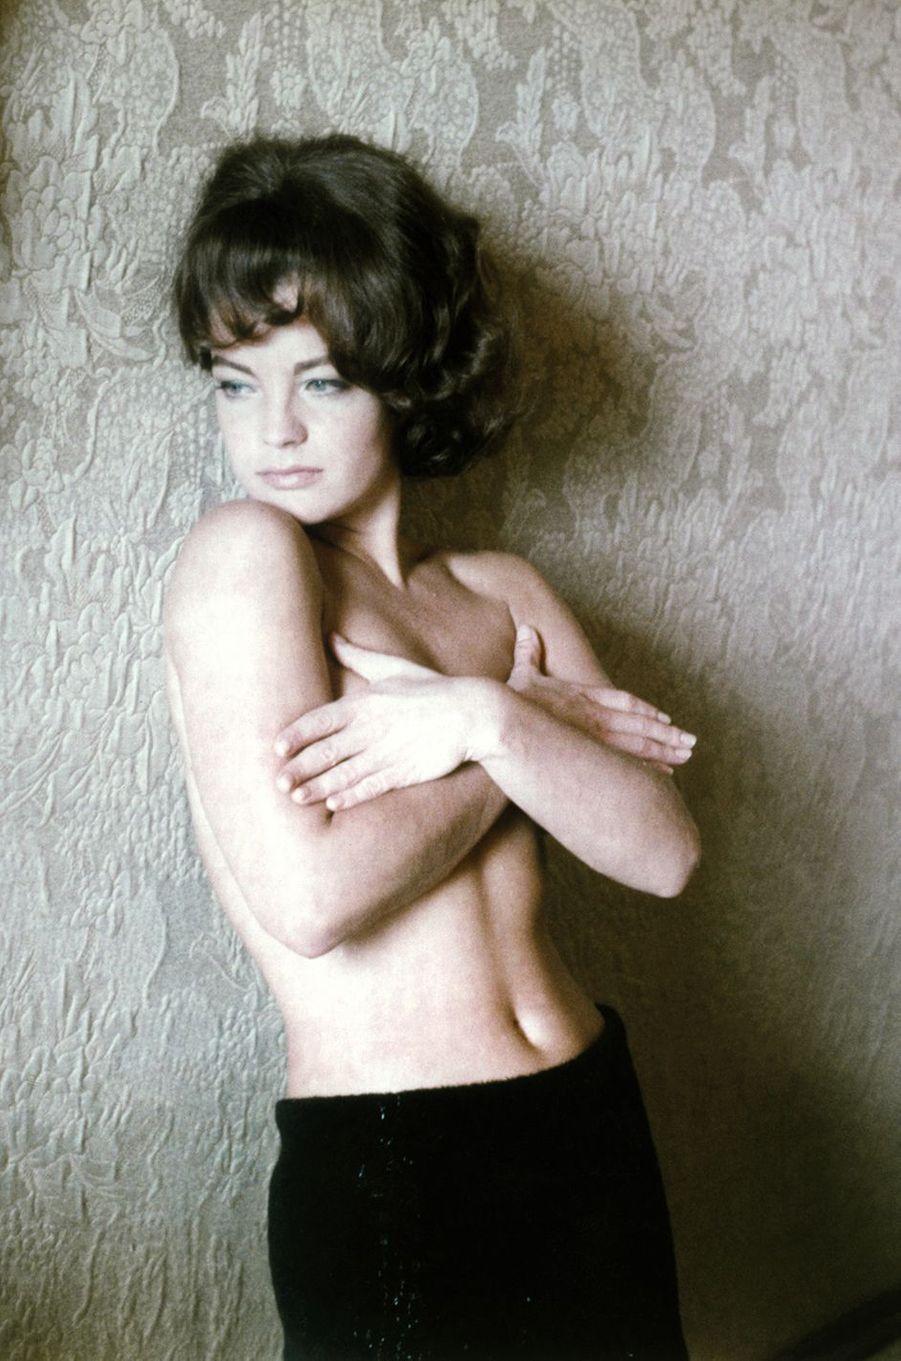 Romy Schneider pose seins nus en 1960.